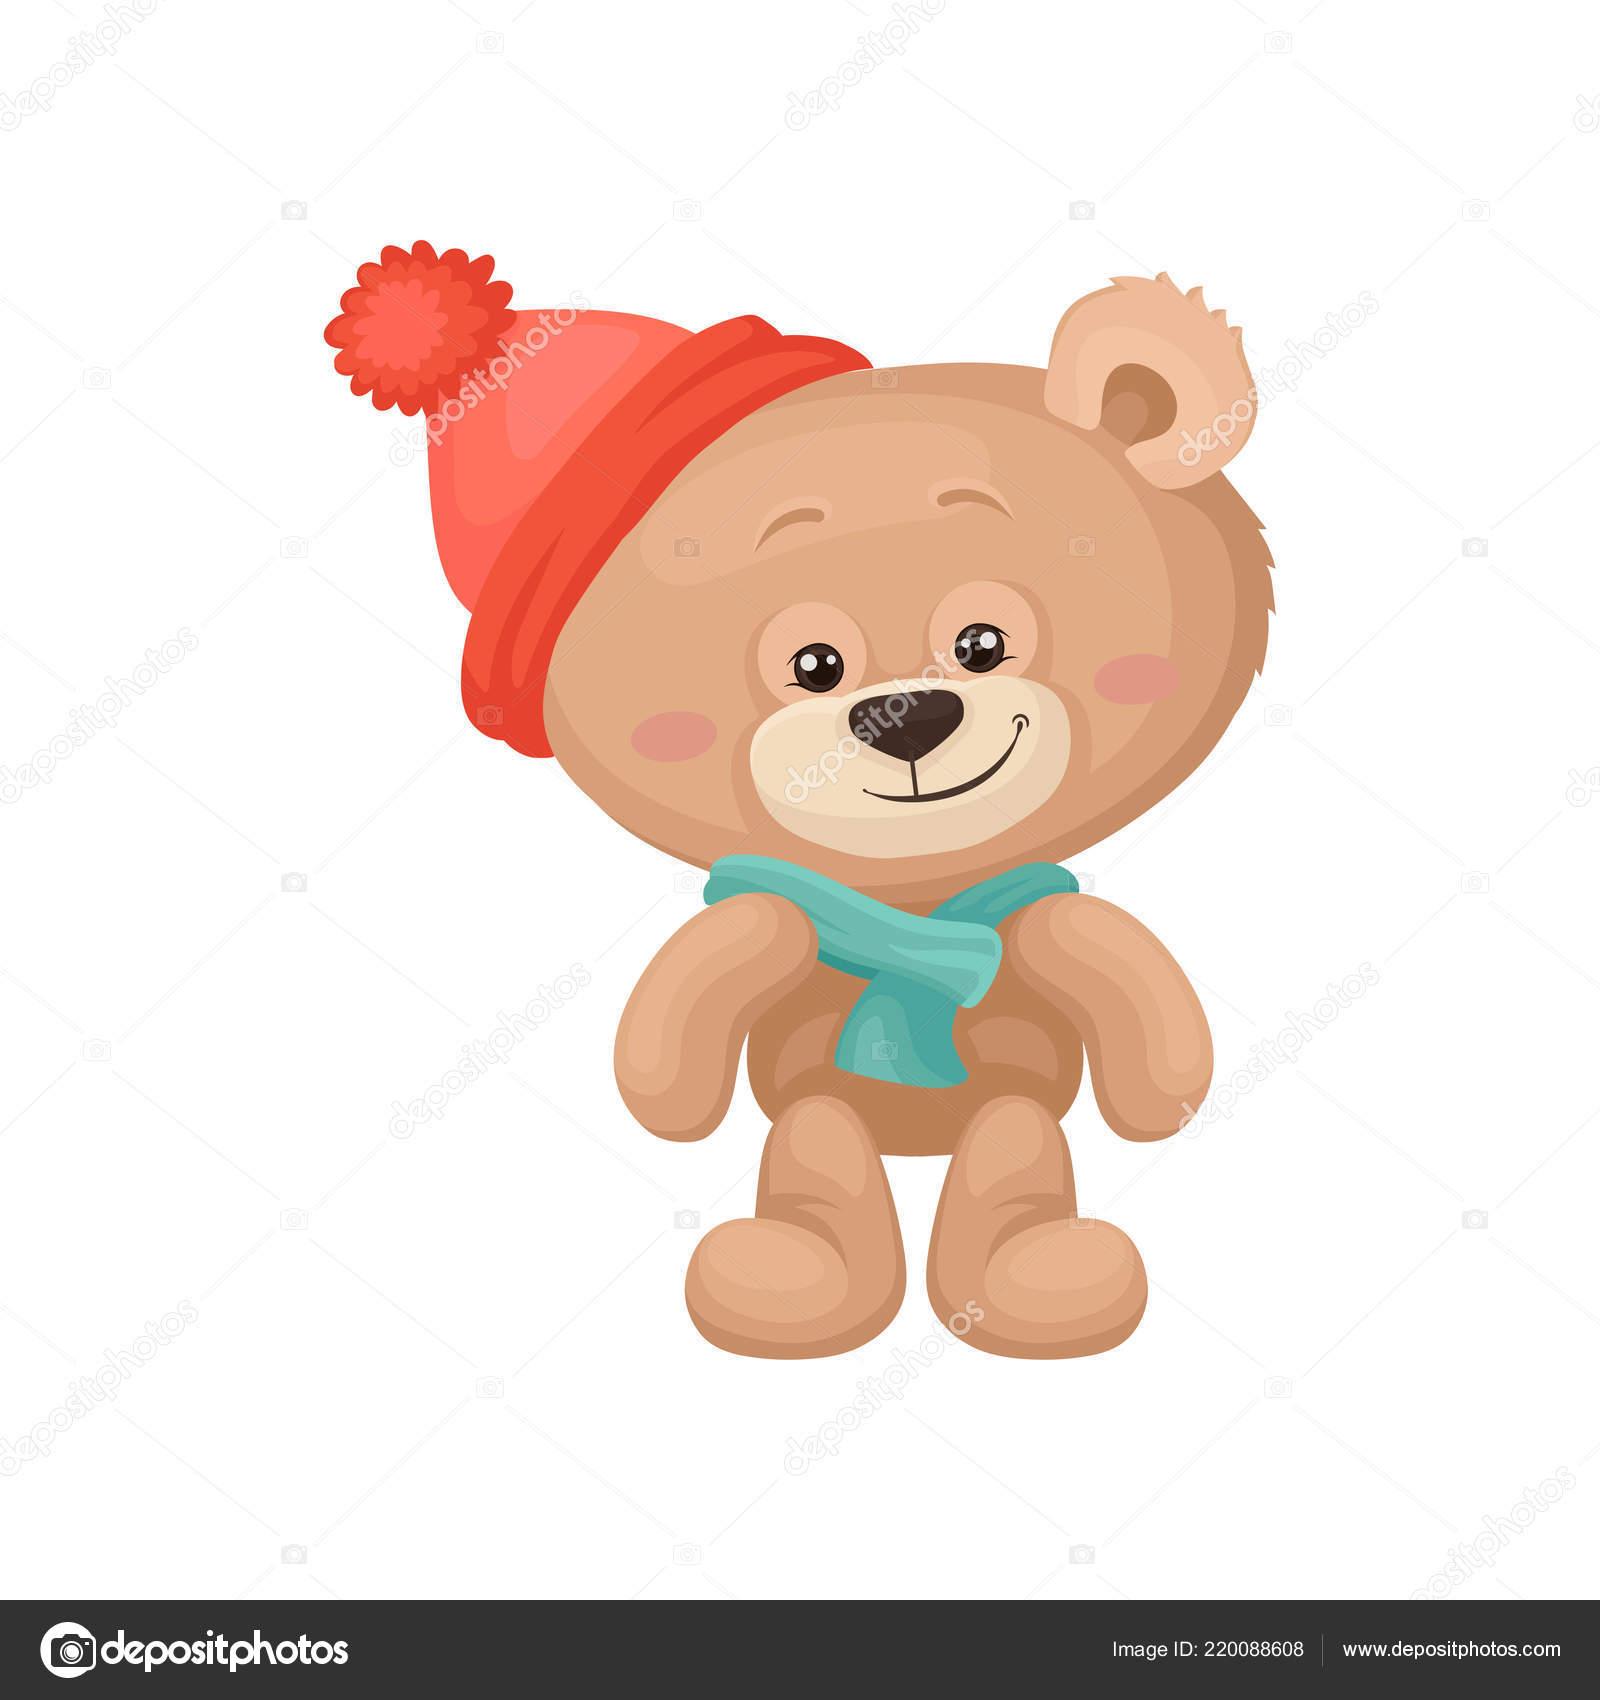 Adorável urso de pelúcia com bochechas rosa e olhos brilhantes usando  cachecol e chapéu quente. Brinquedo de pelúcia das crianças. ea4d9b9fa472